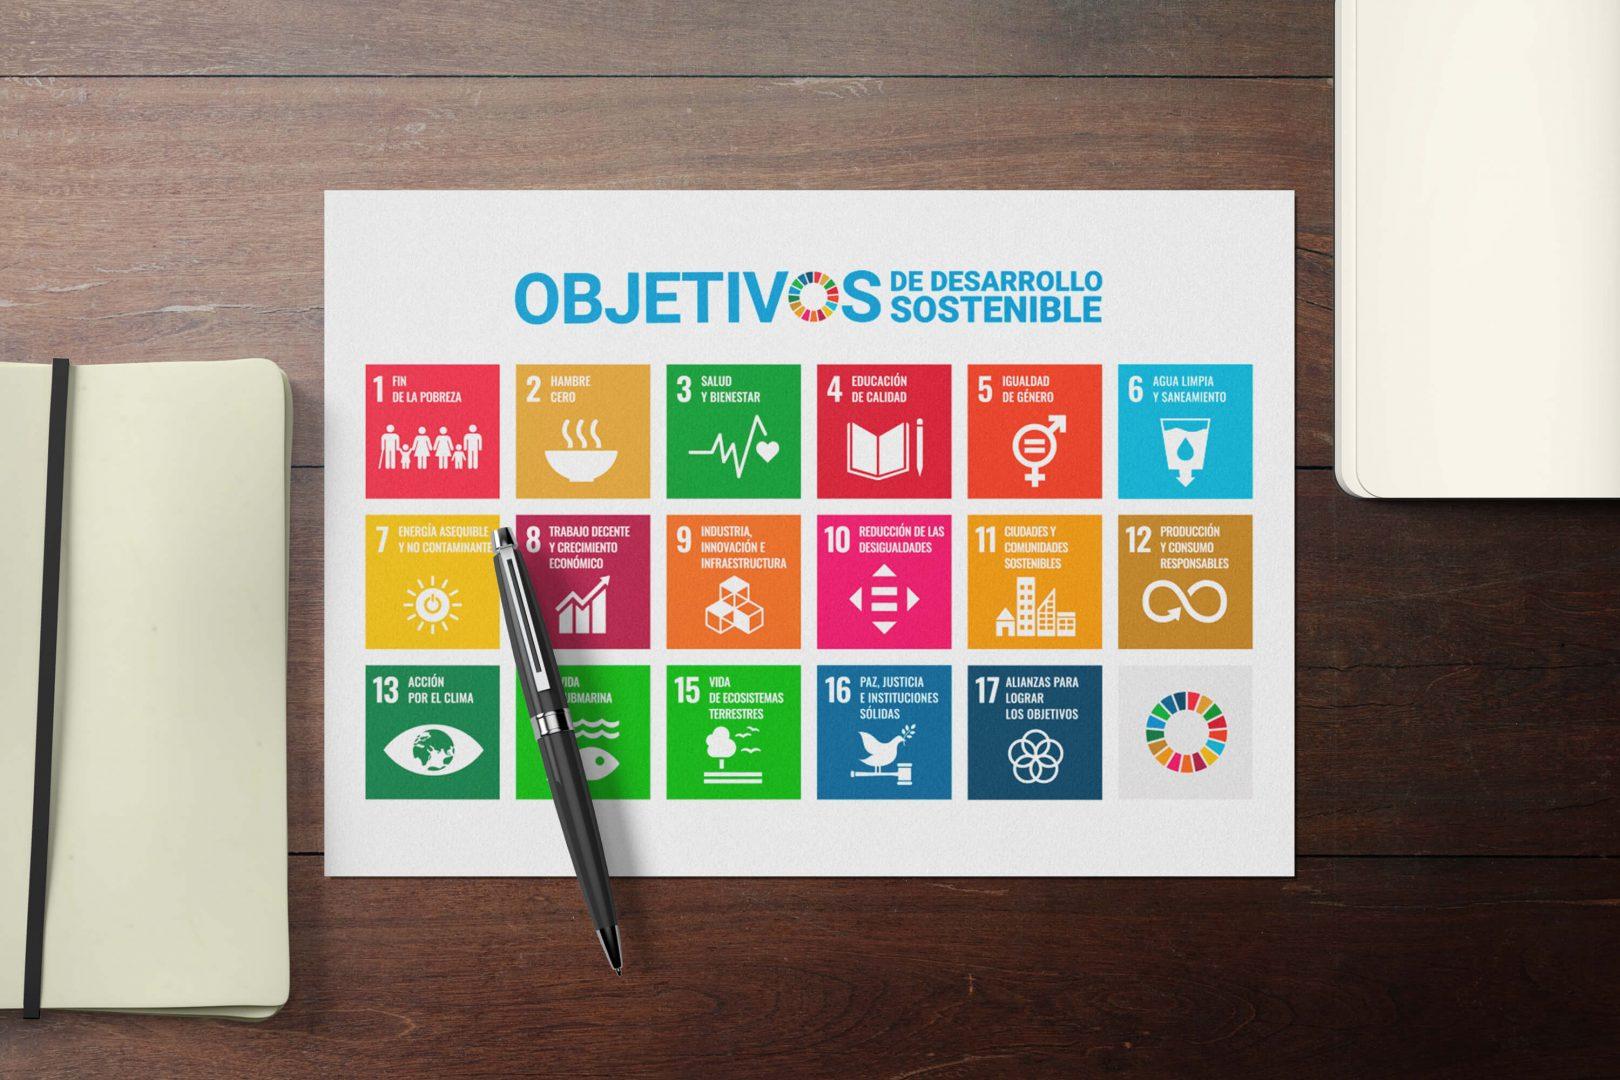 Perfil de desarrollo sostenible de Grupo Innovaris